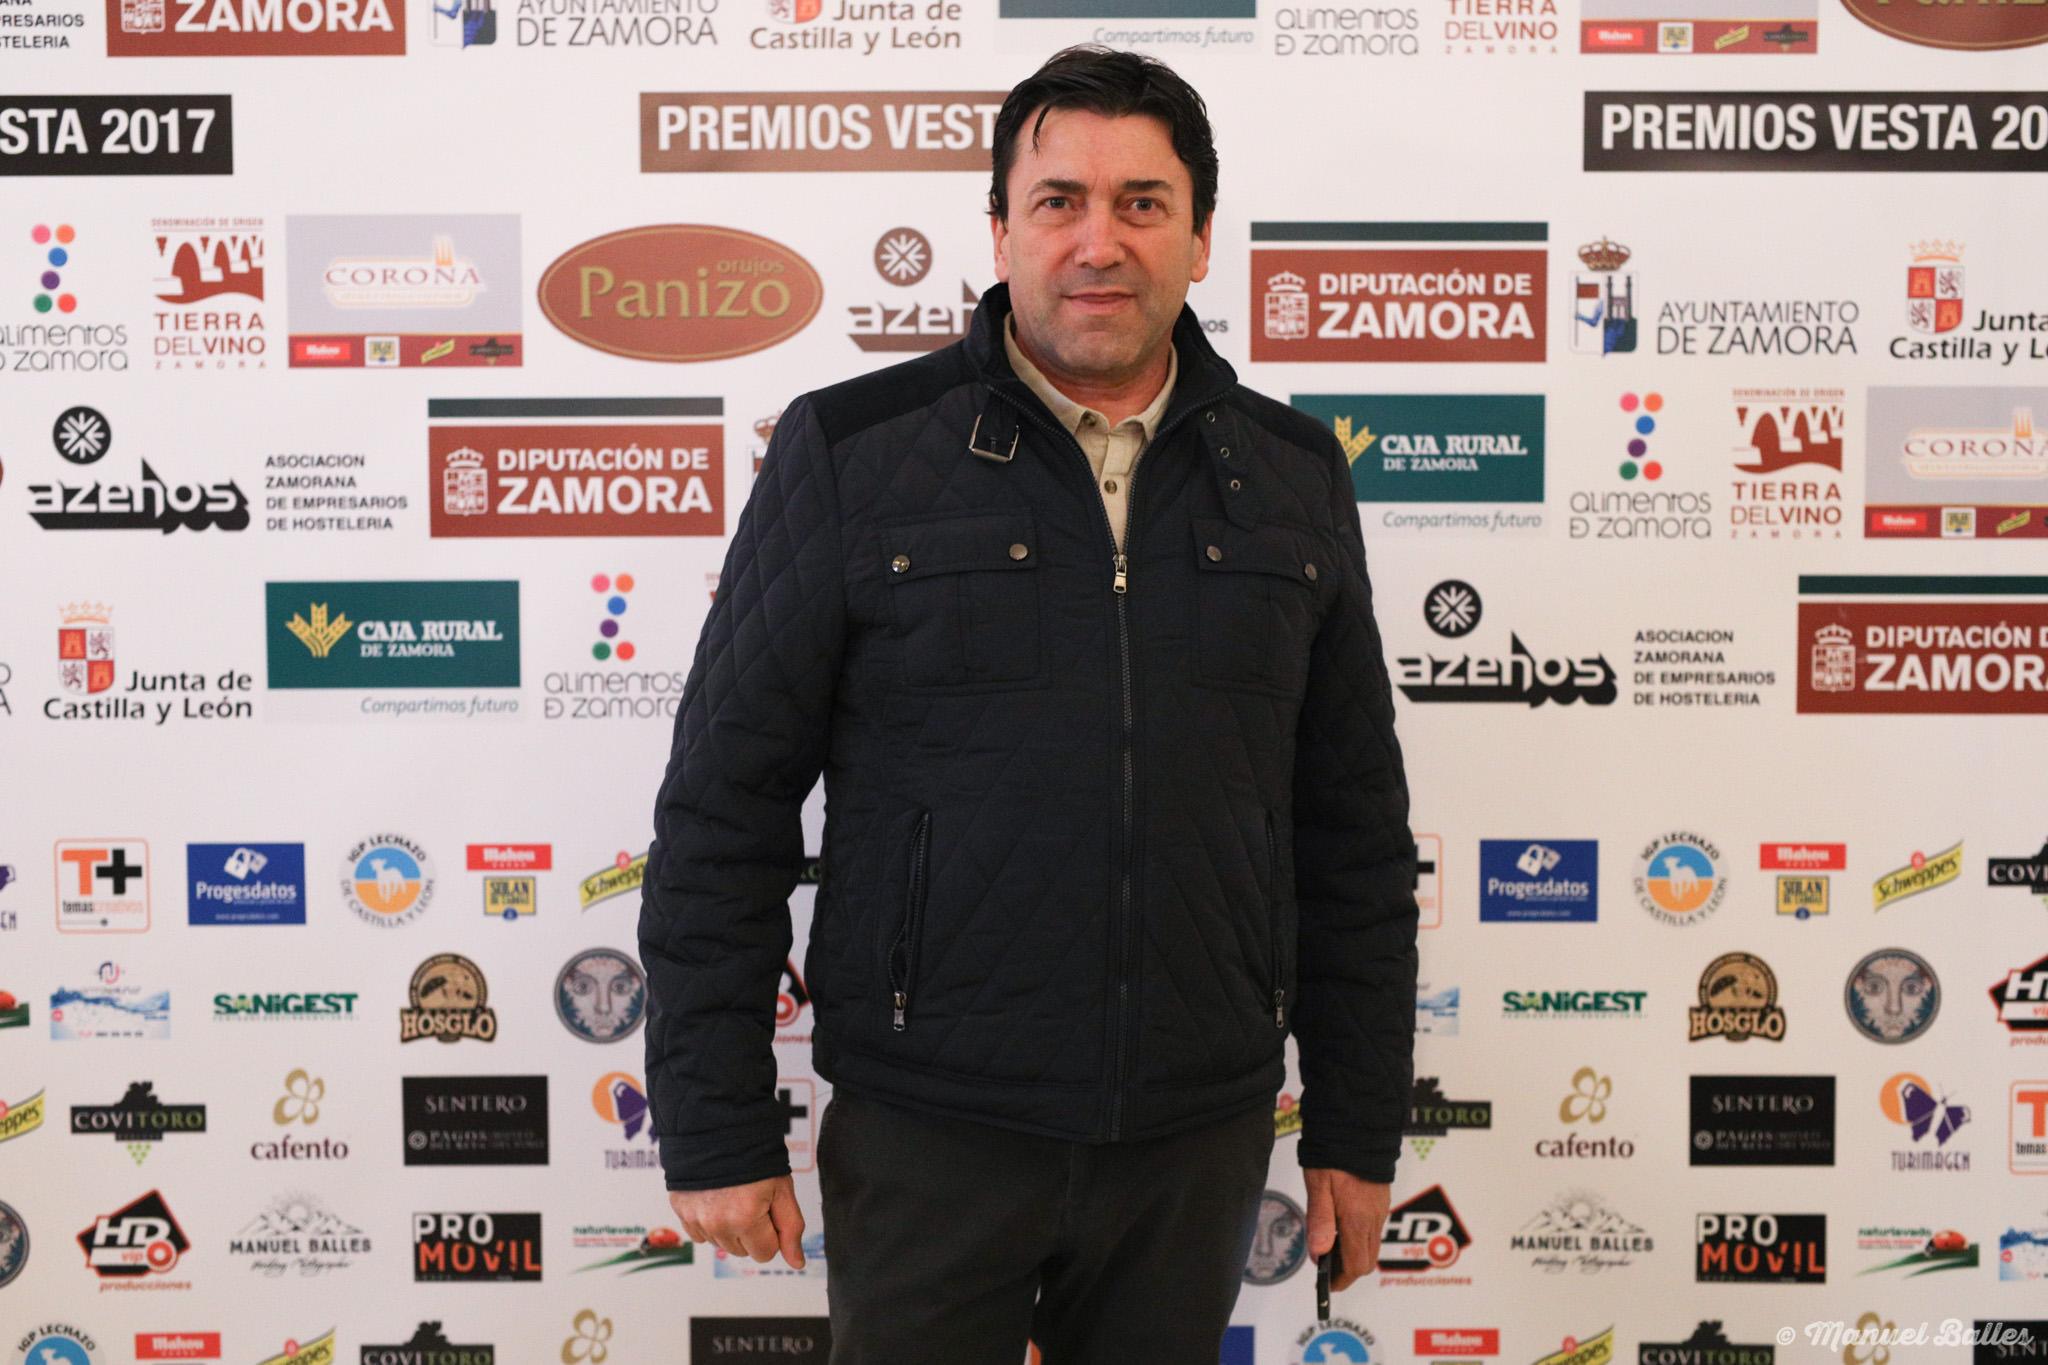 Manuel_Balles_20170426_202126_3F9A6547